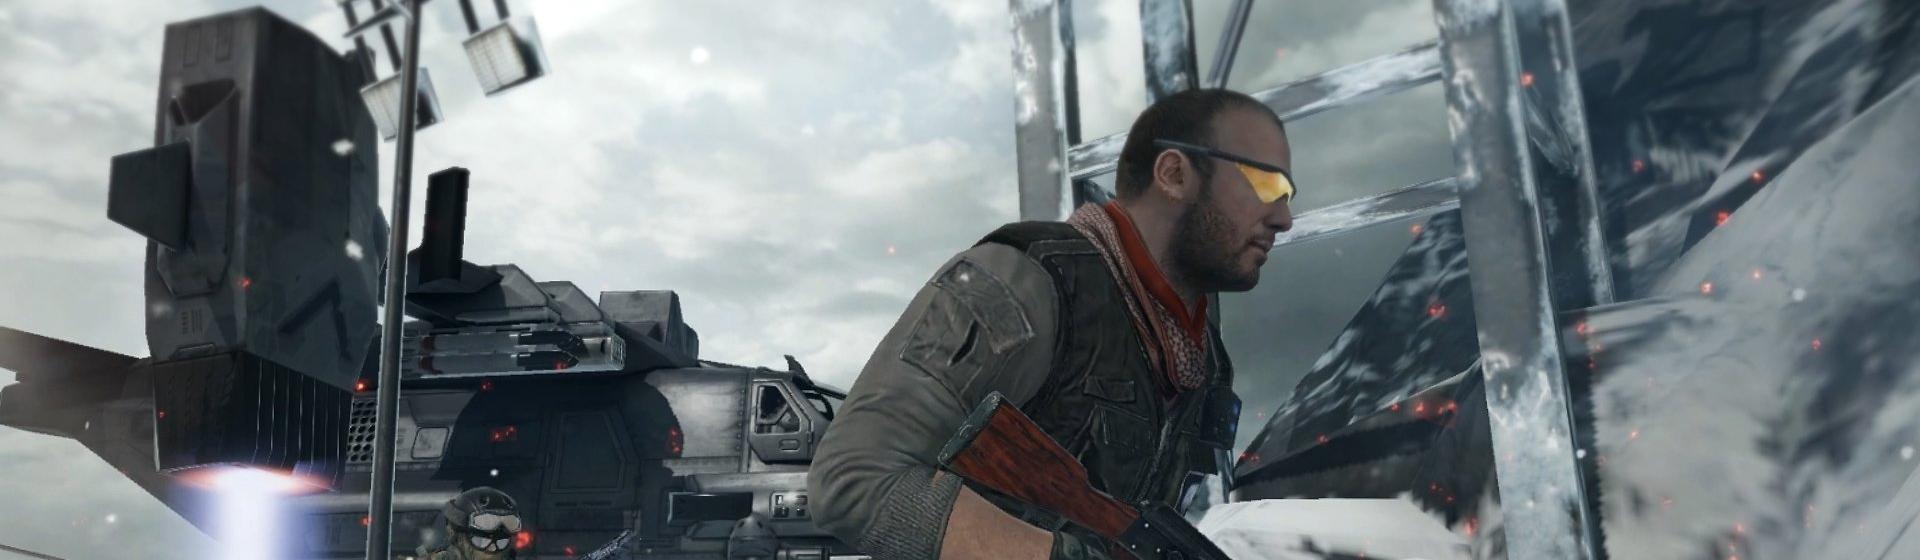 Call of Duty: Mobile công bố ngày ra mắt cùng với nhiều chi tiết mới